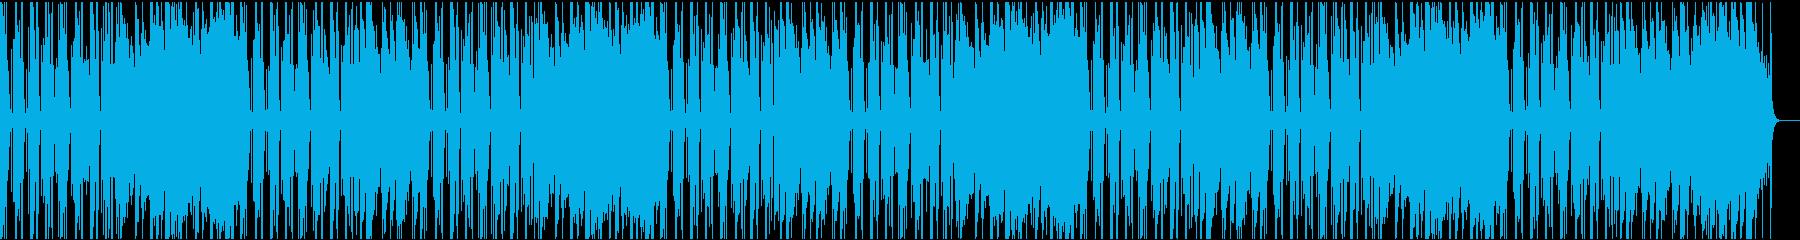 ゆったりコミカル/カラオケの再生済みの波形